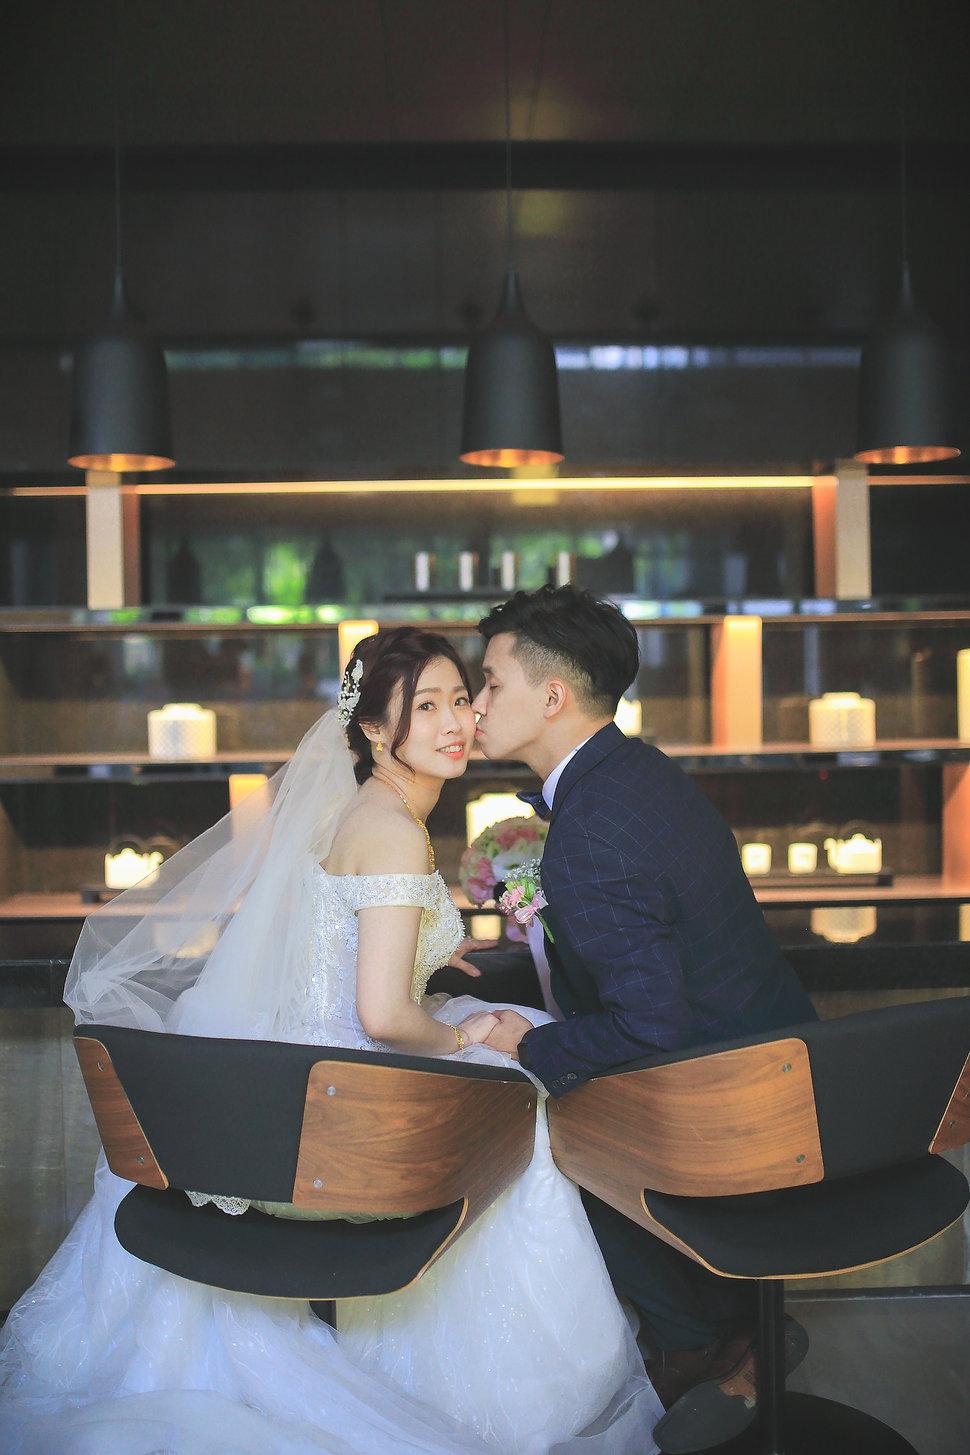 IMG_6597 - H&Y STUDIO 創意影像/阿儒《結婚吧》